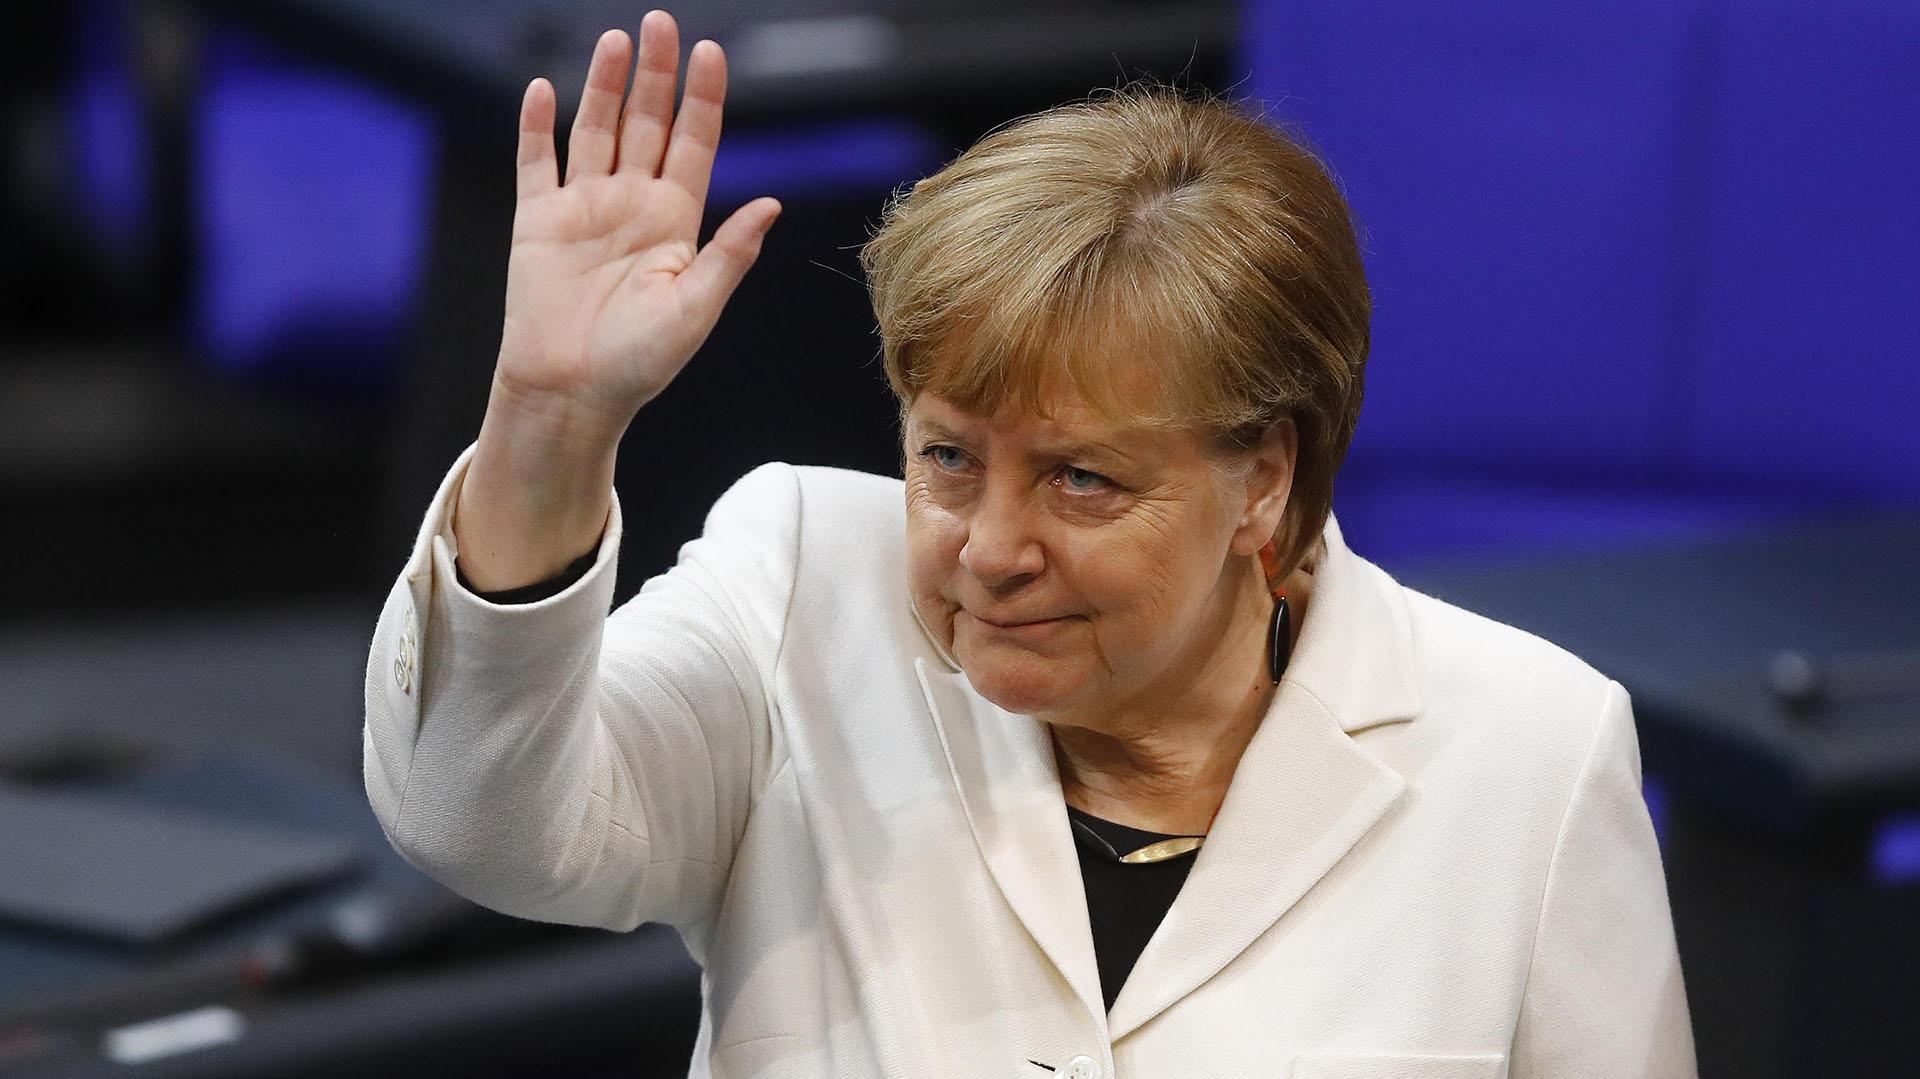 La canciller encarará su cuarto mandato al frente de la primera economía de Europa (Reuters)